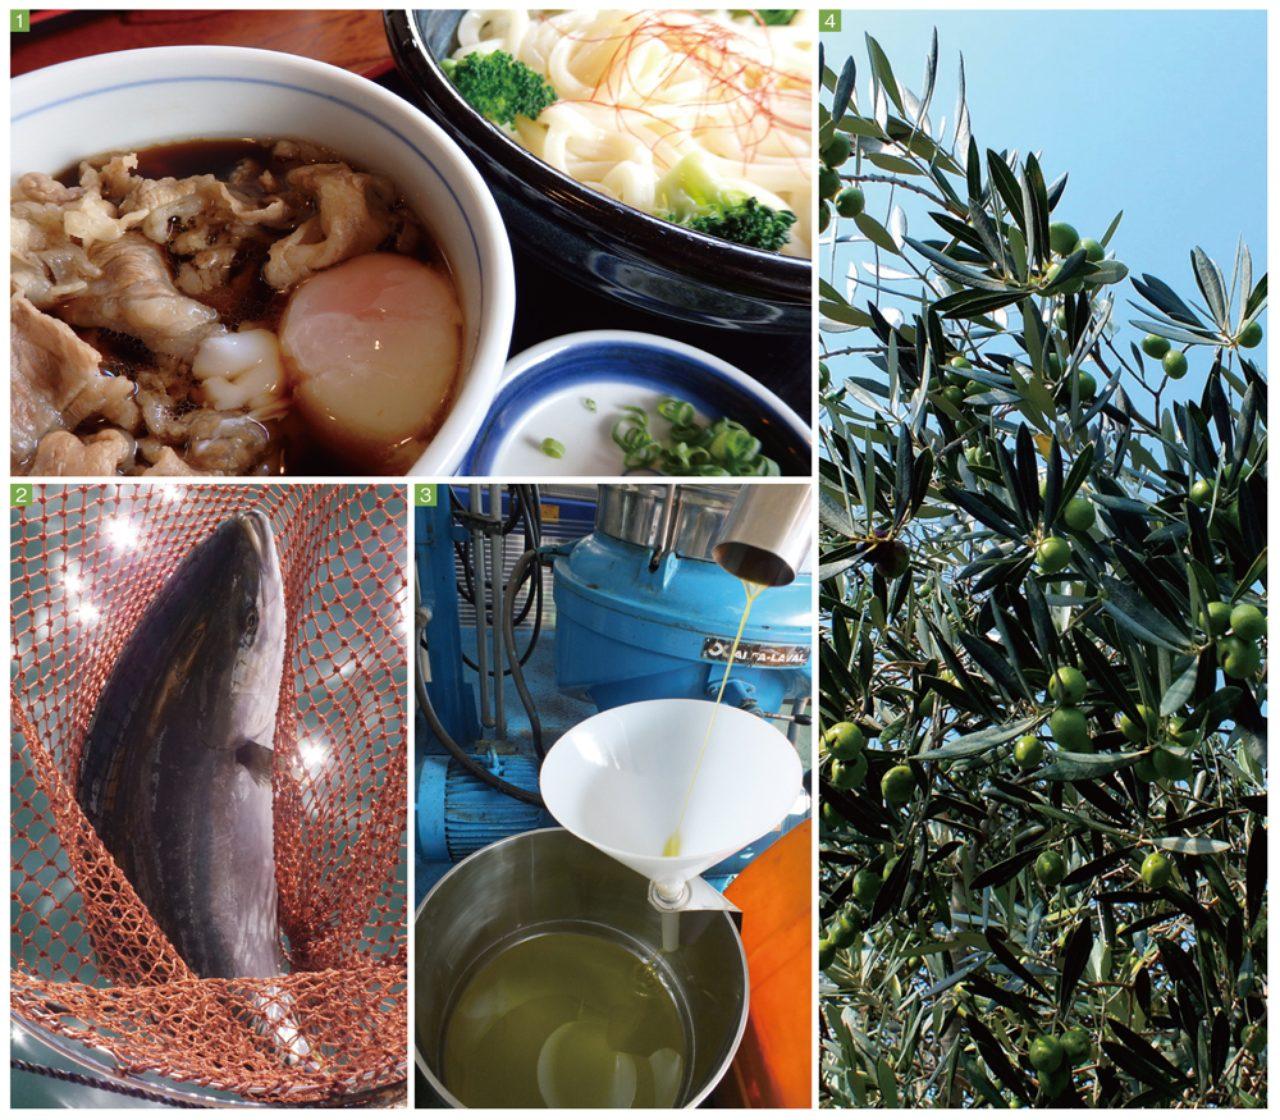 画像: 香川県の「おいしい」はオリーブがキーワードになっている。 1.人気うどん店「本格手打 もり家」ではオリーブ牛肉うどんが大人気に  2.最盛期を迎えたオリーブはまち  3.大切に栽培・採油されるオリーブオイル  4.細い枝にずっしりと実ったオリーブが風に揺れる。小豆島の実りの季節を象徴する風景だ